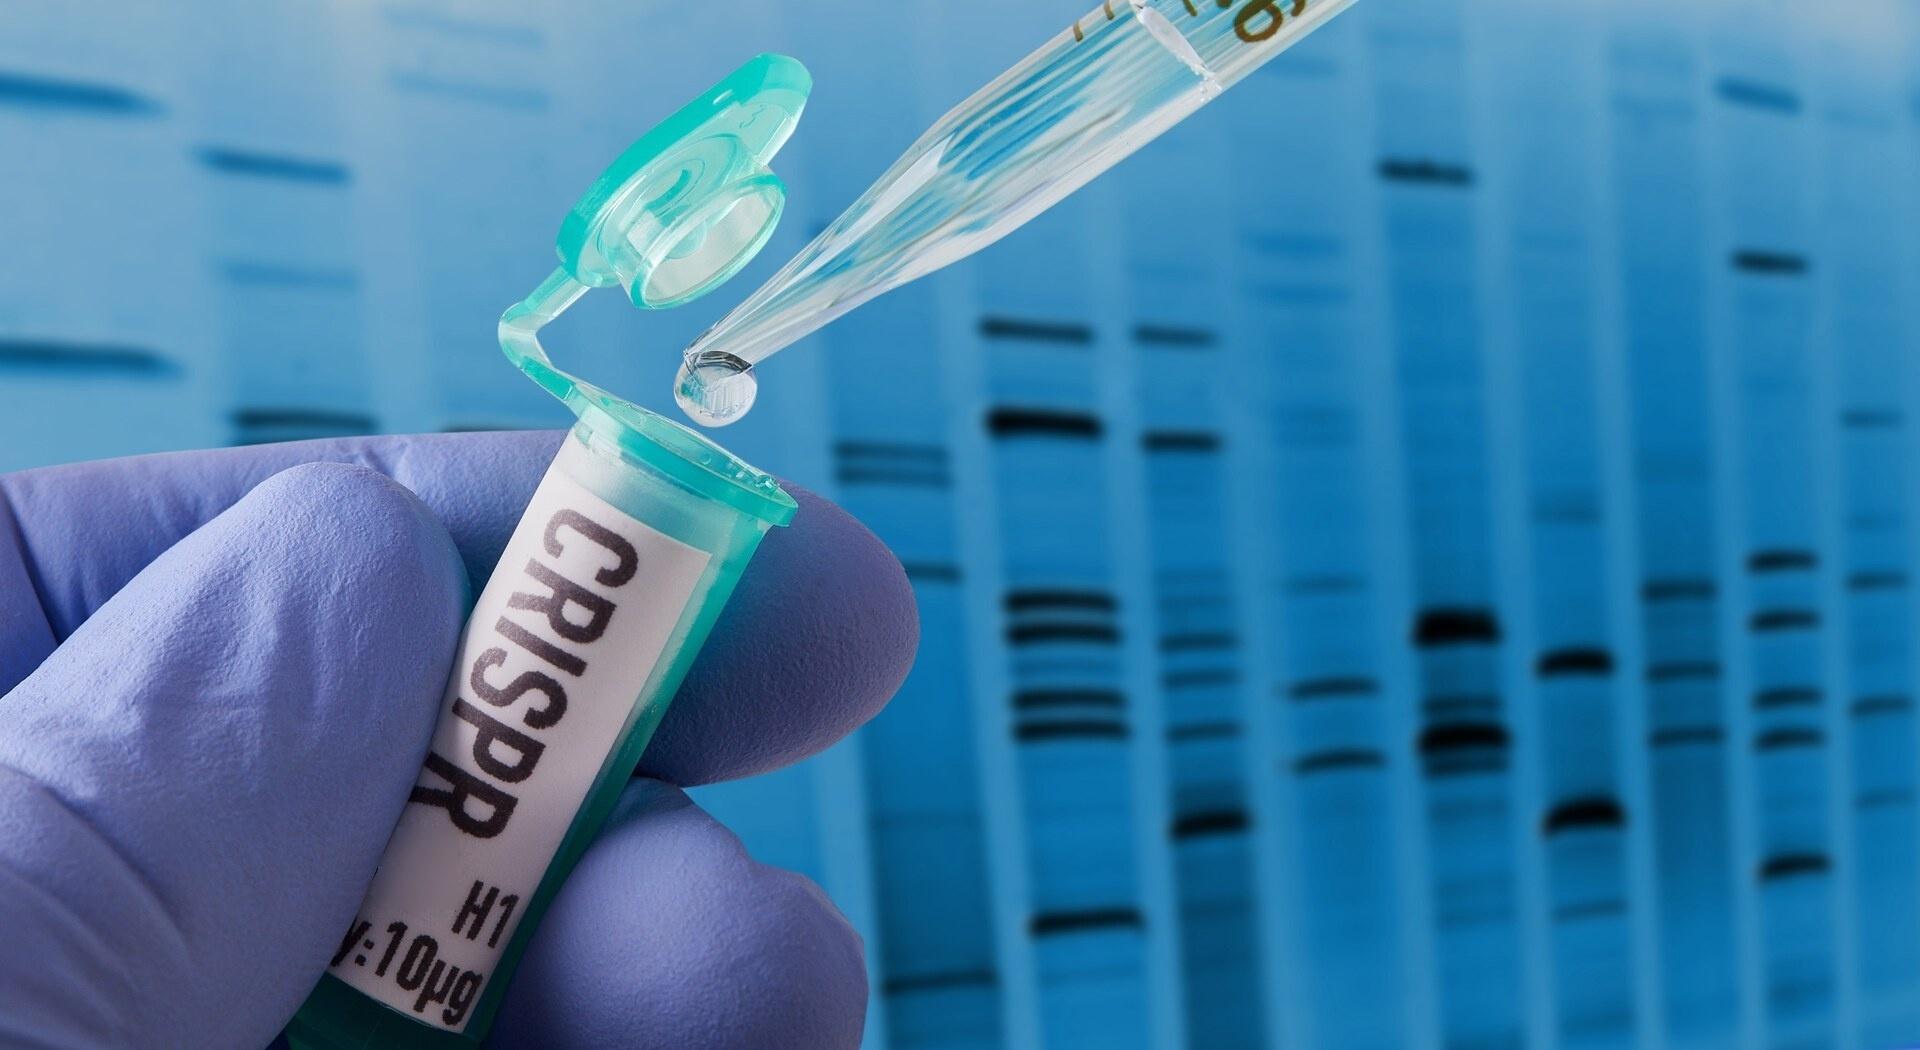 Caspr Biotech